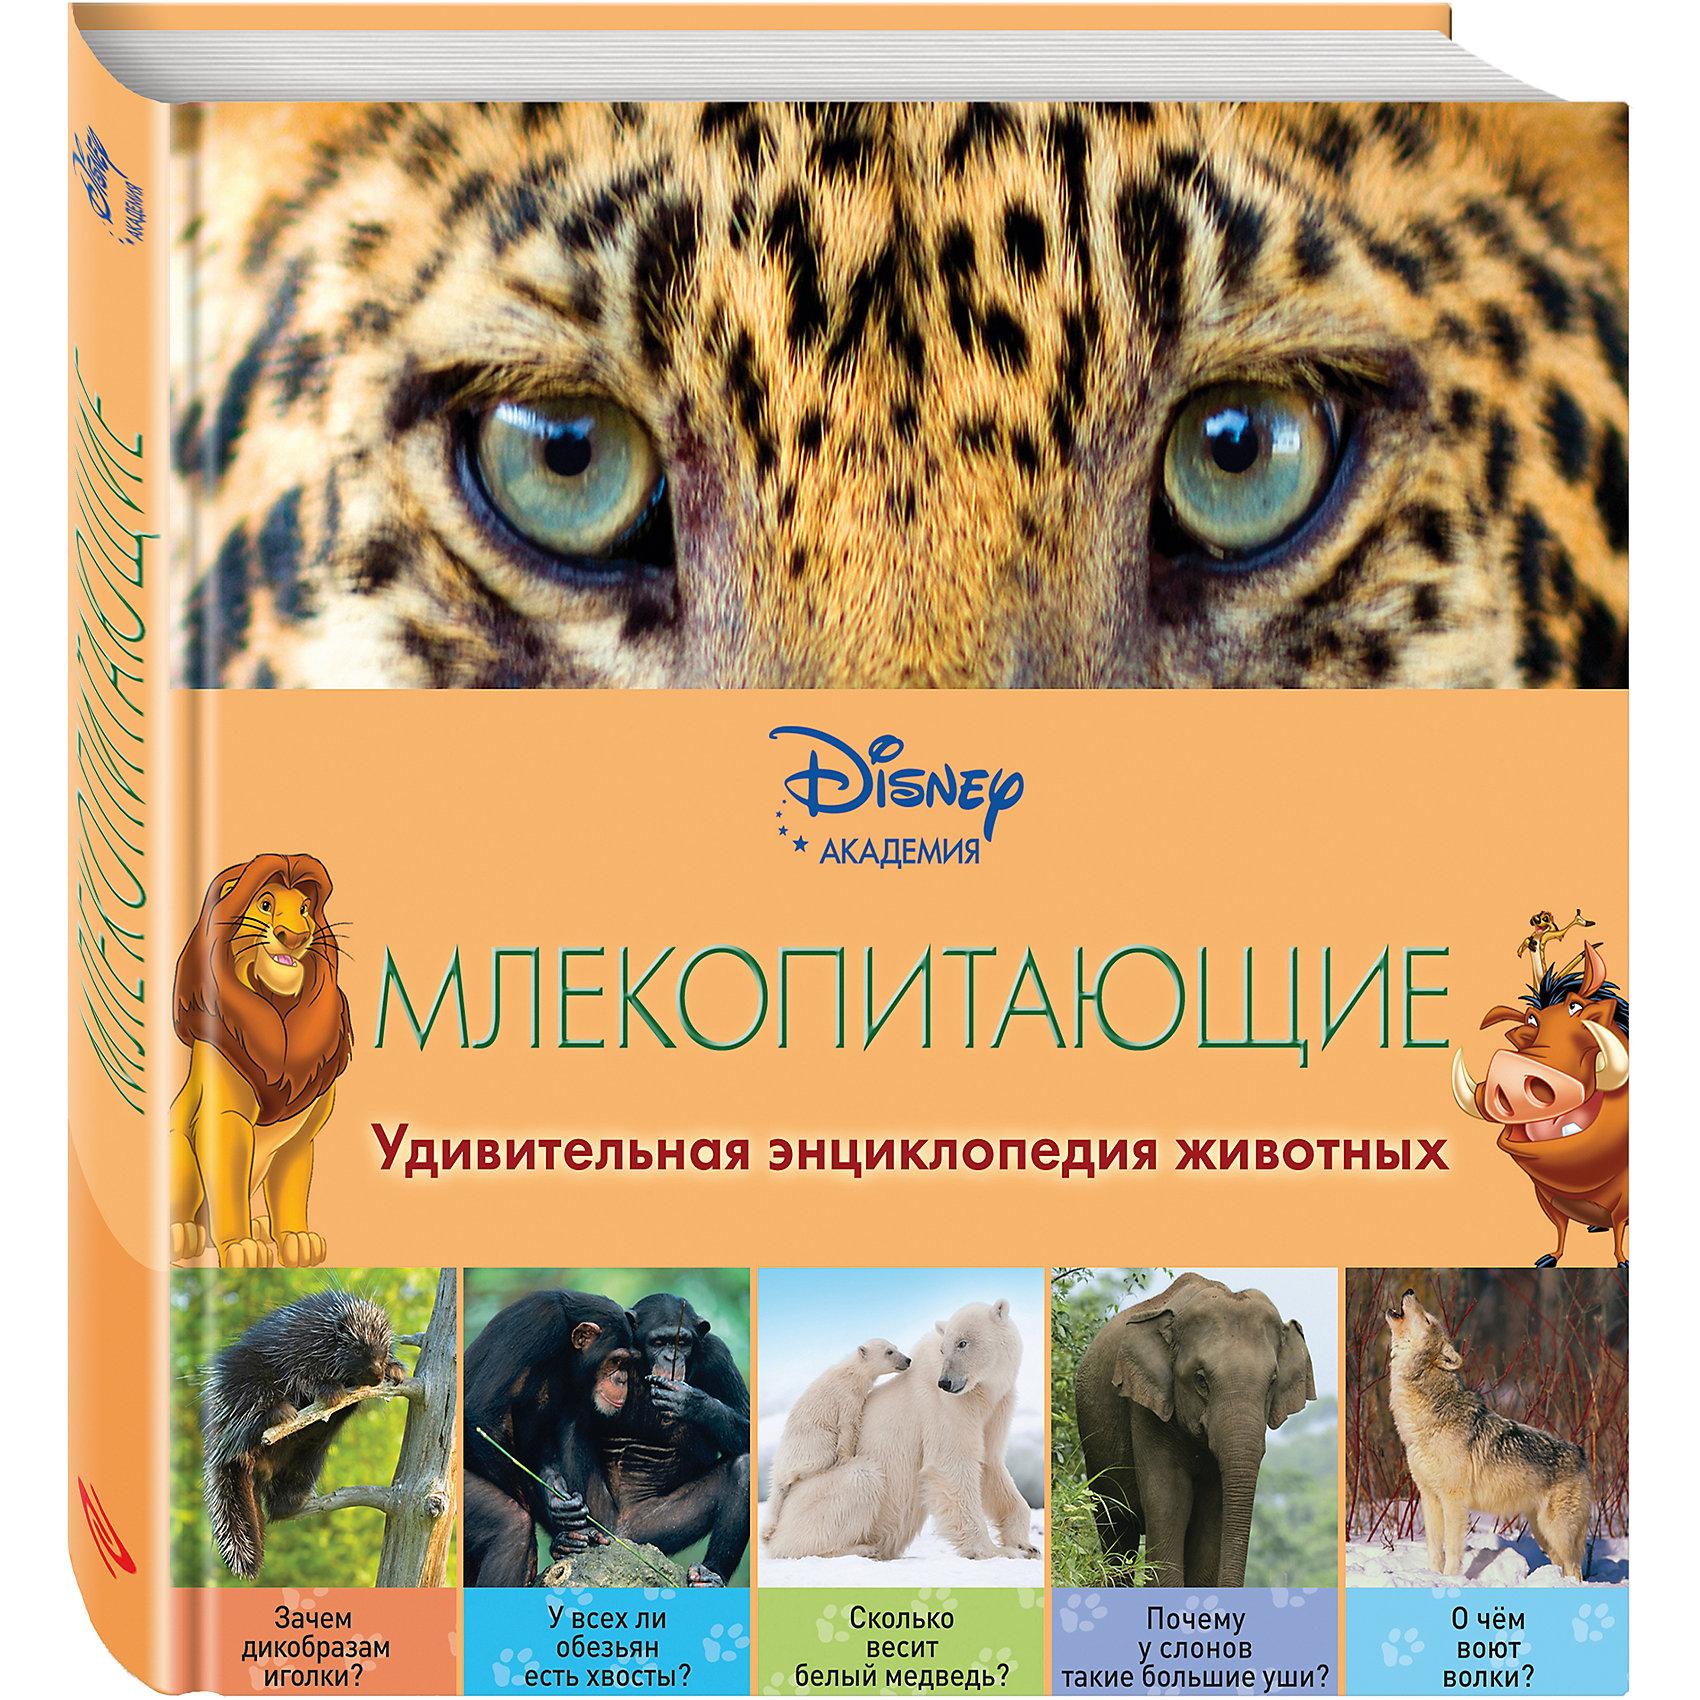 Первая энциклопедия Млекопитающие, DisneyЭксмо<br>Герои Disney приглашают маленьких читателей в невероятный мир кошек, собак, жирафов, кенгуру, дельфинов и других млекопитающих животных! В компании любимых персонажей ребёнок узнает о том, зачем обезьянам длинные хвосты, где они принимают горячие ванны, почему медведи впадают в зимнюю спячку, как слоны используют хоботы… Малыша ждут не только любопытнейшие факты, изложенные доступным и увлекательным языком, но и восхитительные фотографии – большие, яркие и красочные! Благодаря этой книге, ребёнок разовьёт познавательные способности, кругозор и структурное мышление, а также получит первый опыт работы с энциклопедической литературой. <br><br>Дополнительная информация:<br><br>- Переводчик: Дыдымова О. В.<br>- Редактор: Жилинская А.<br>- Формат: 21,5х21,5 см.<br>- Переплет: твердый.<br>- Количество страниц: 40 <br>- Иллюстрации: цветные.<br><br>Книгу Млекопитающие (2-е издание) можно купить в нашем магазине.<br><br>Ширина мм: 210<br>Глубина мм: 210<br>Высота мм: 8<br>Вес г: 322<br>Возраст от месяцев: 36<br>Возраст до месяцев: 72<br>Пол: Унисекс<br>Возраст: Детский<br>SKU: 4414960